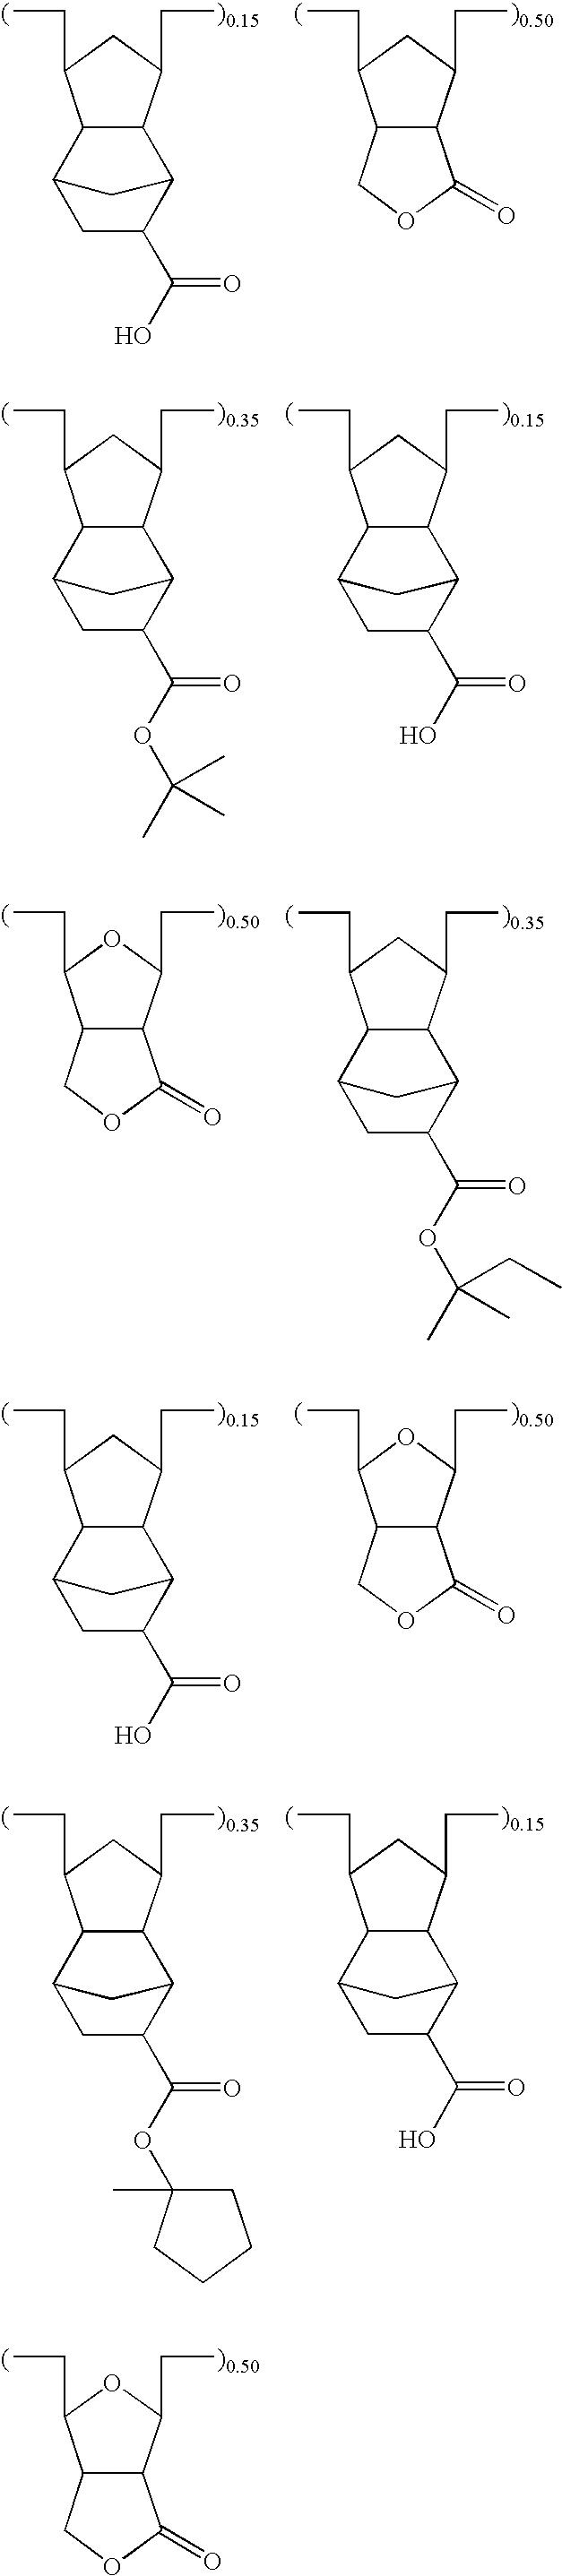 Figure US20080026331A1-20080131-C00068